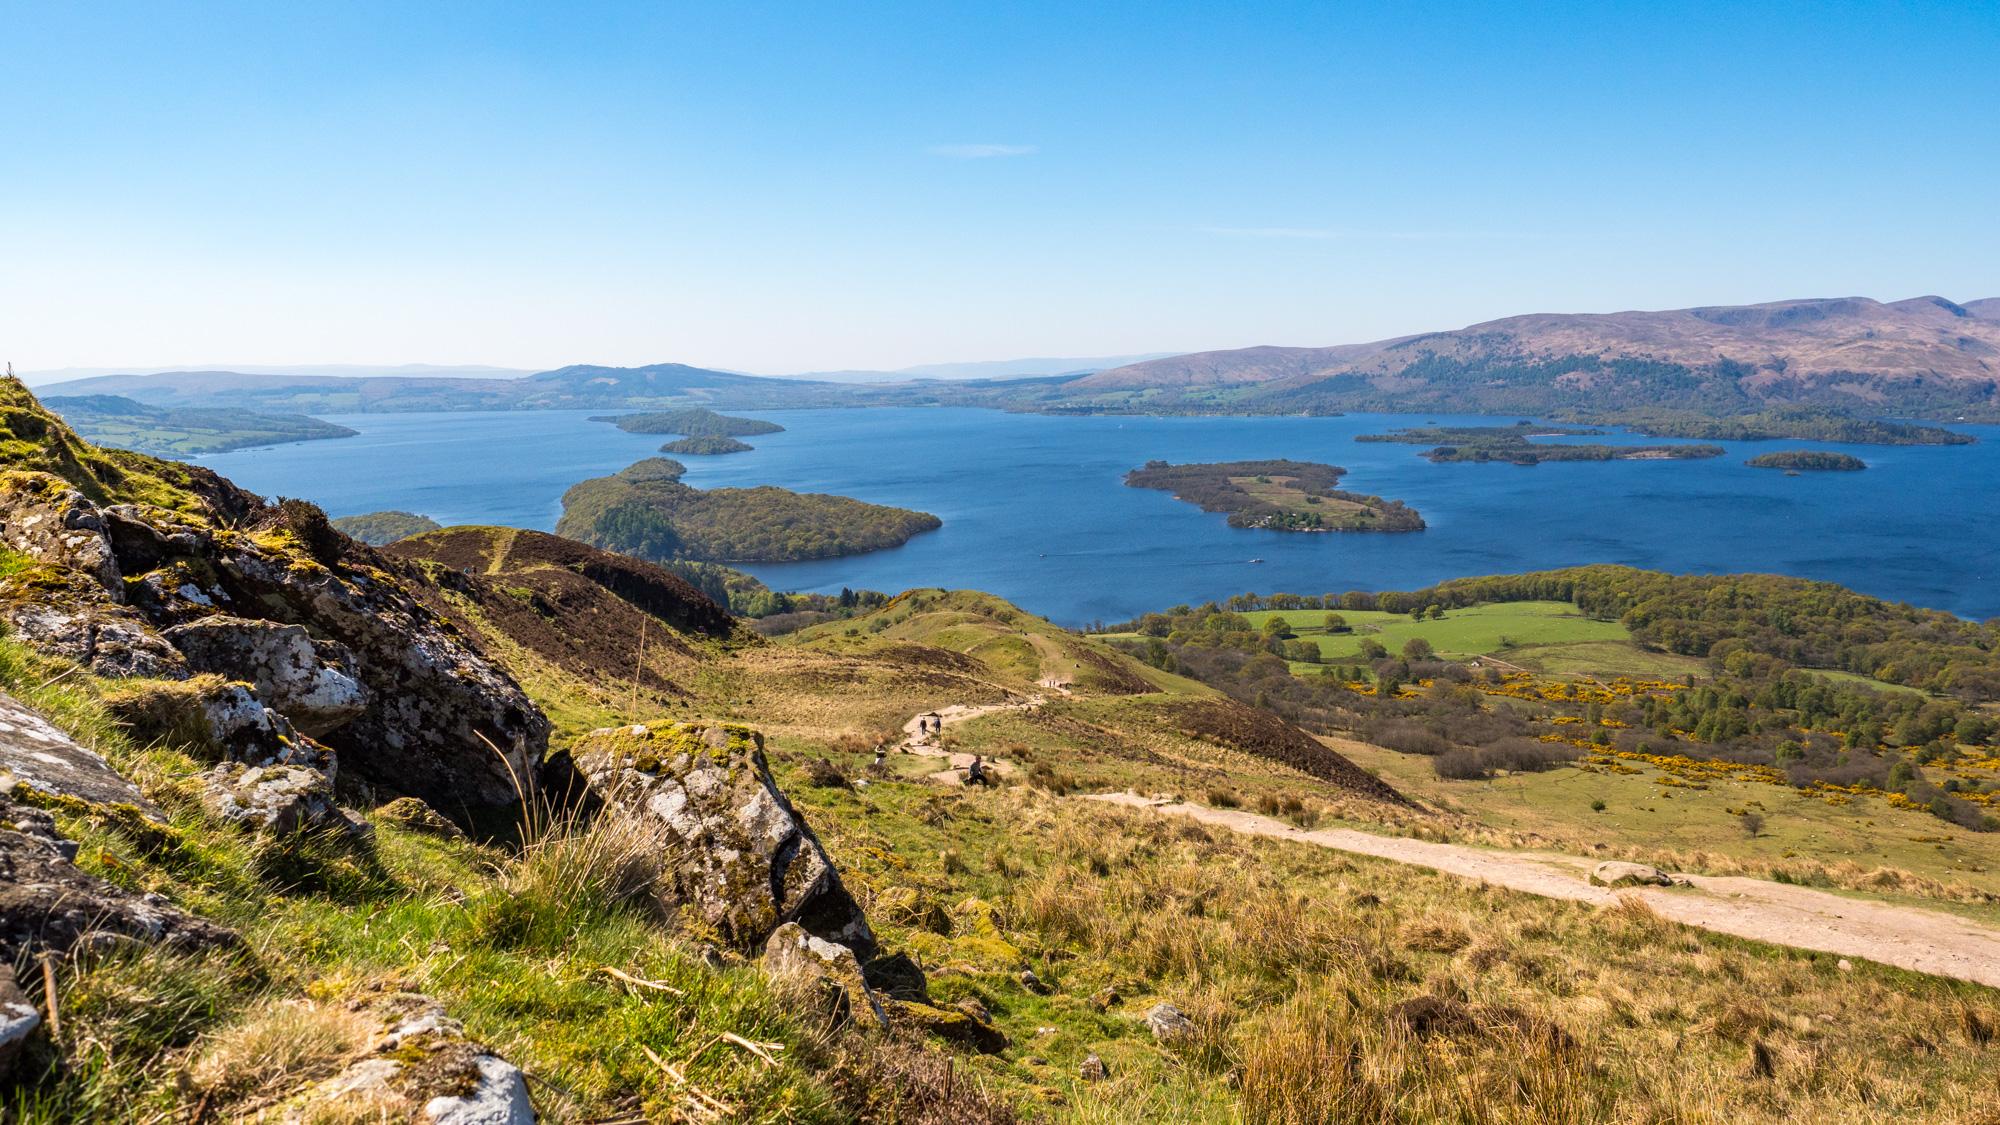 West Highland Way - Aussicht vom Conic Hill auf das Loch Lomond